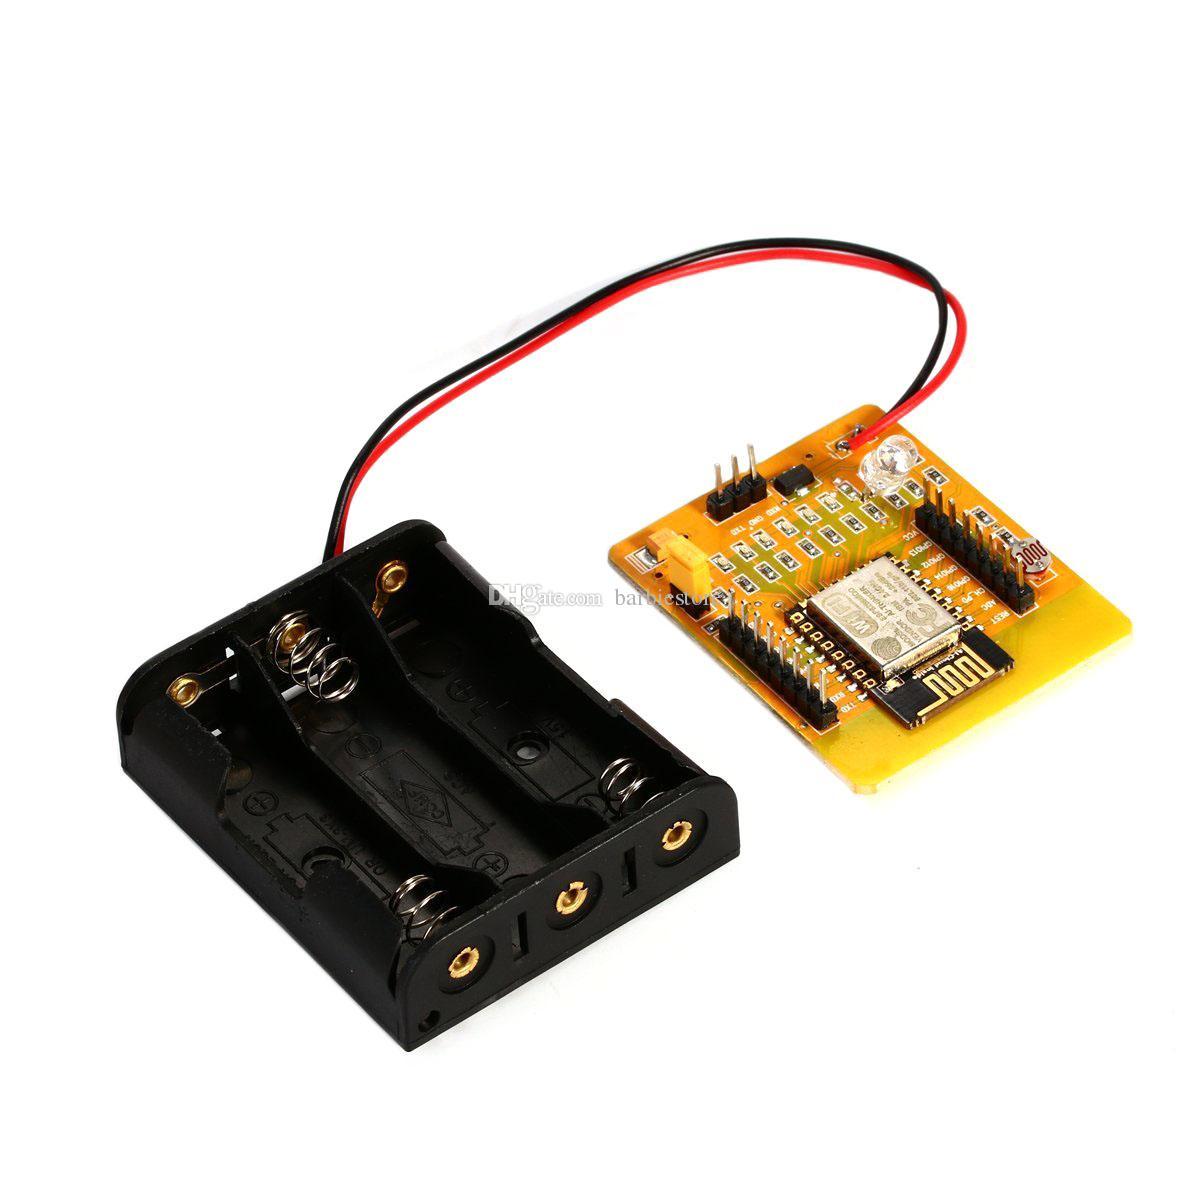 ESP8266 WIFI Serial Development Board Test Wireless Board Full IO Leads B00304